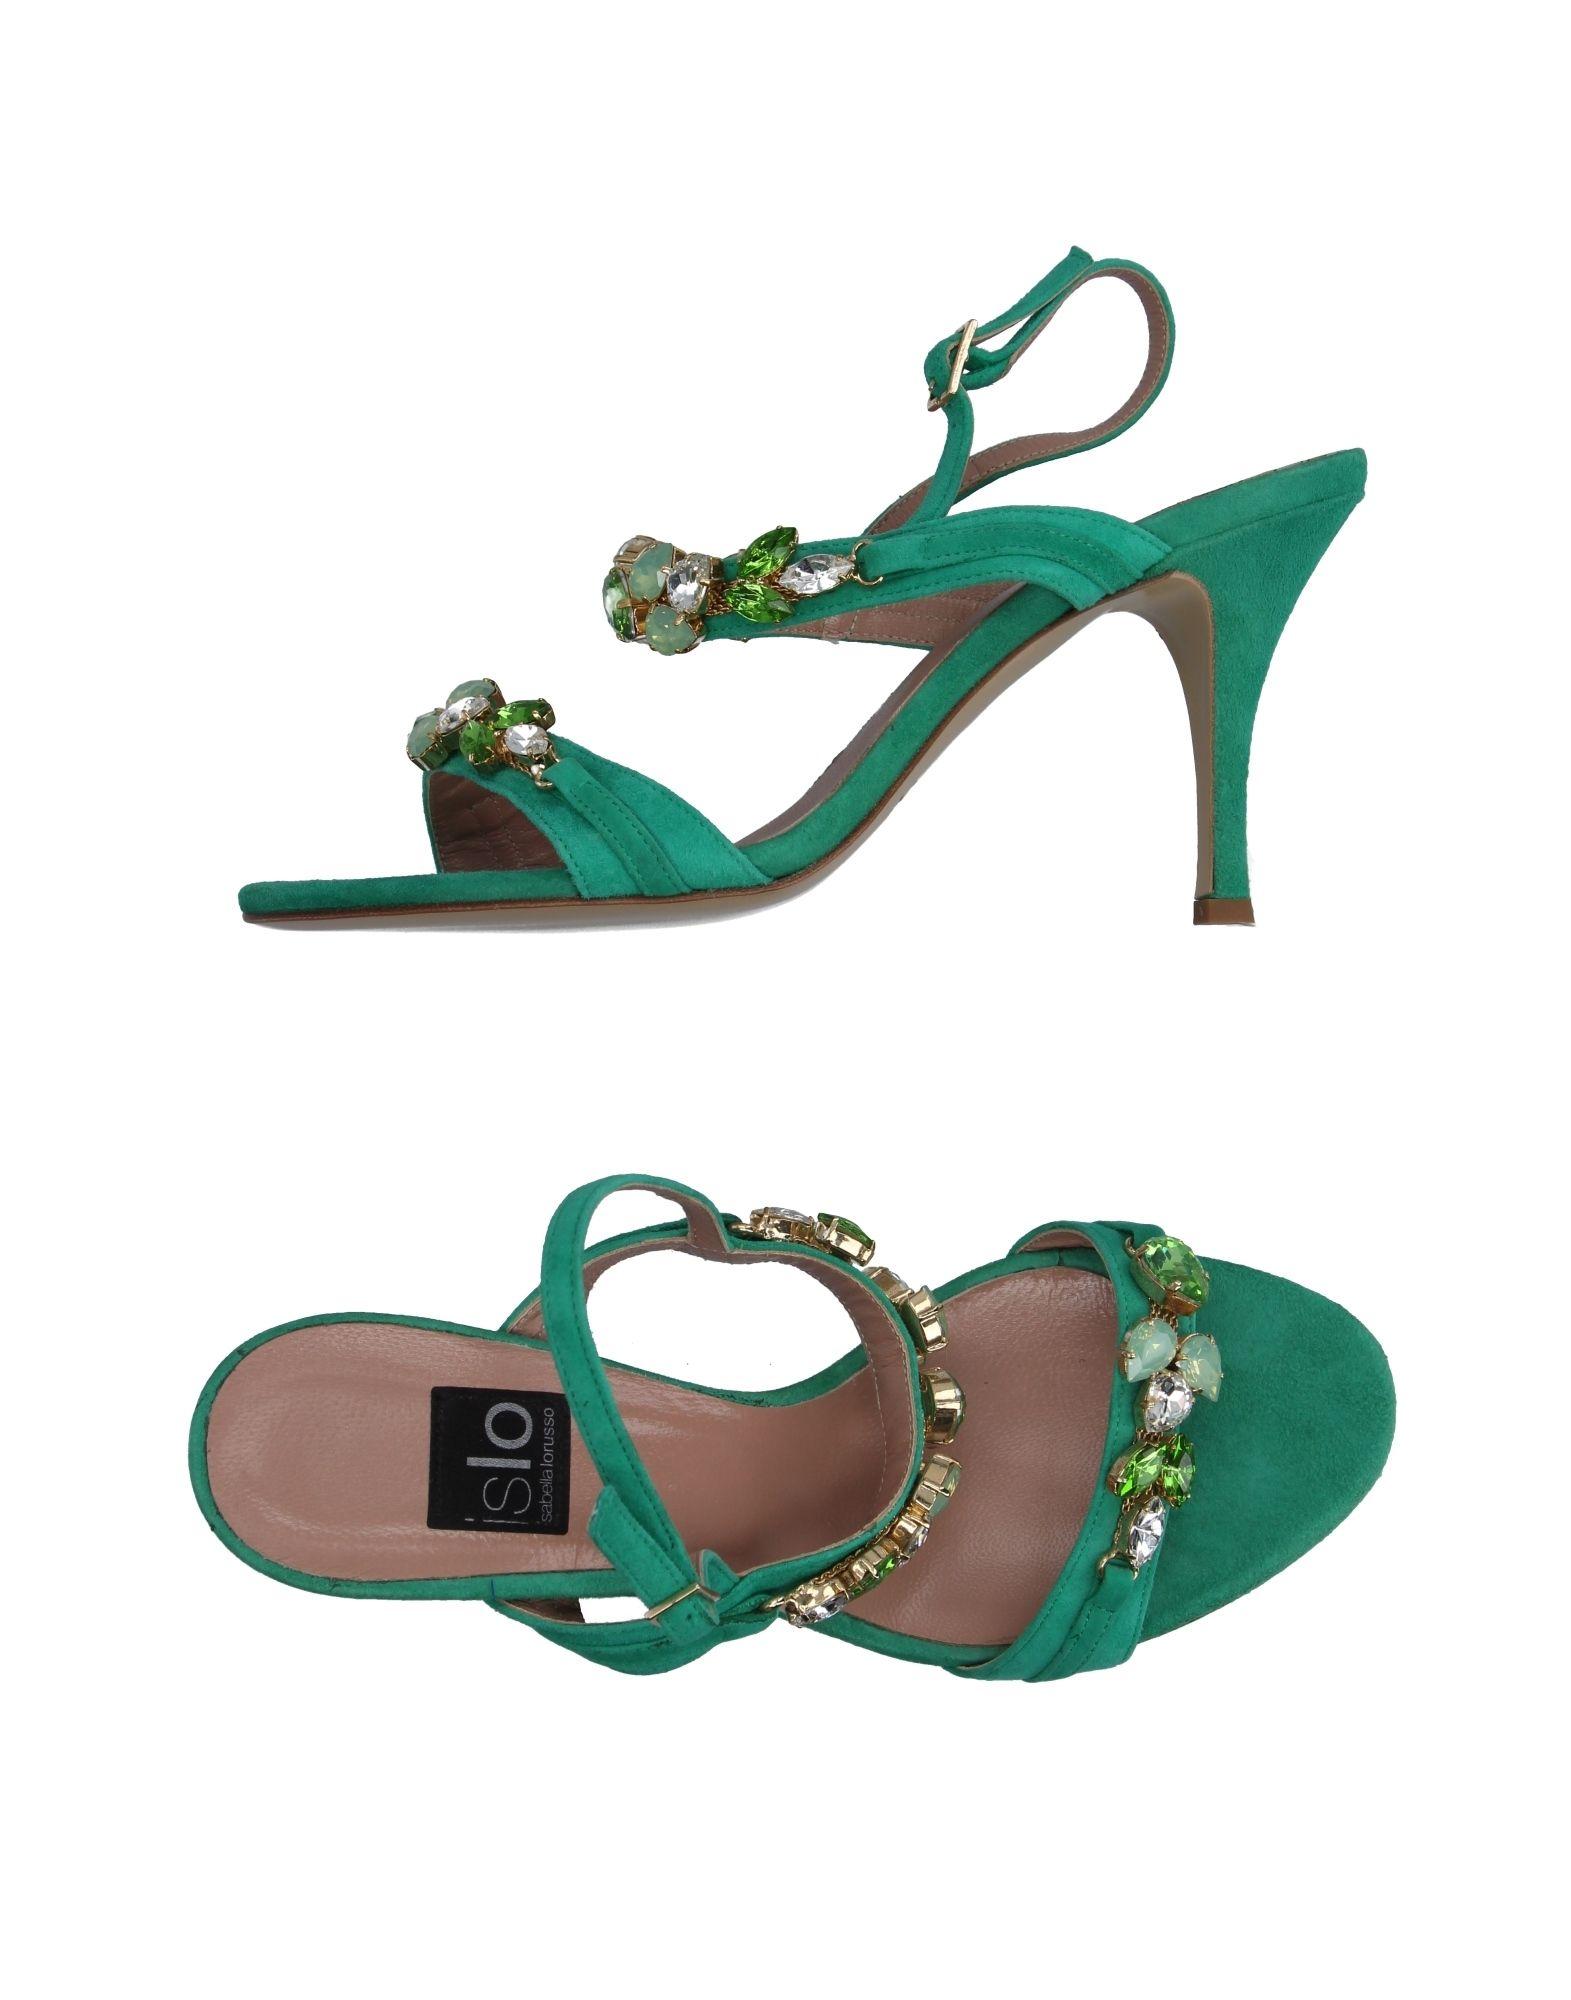 Islo Isabella Schuhe Lorusso Sandalen Damen  11161685KO Neue Schuhe Isabella 5ec7fa